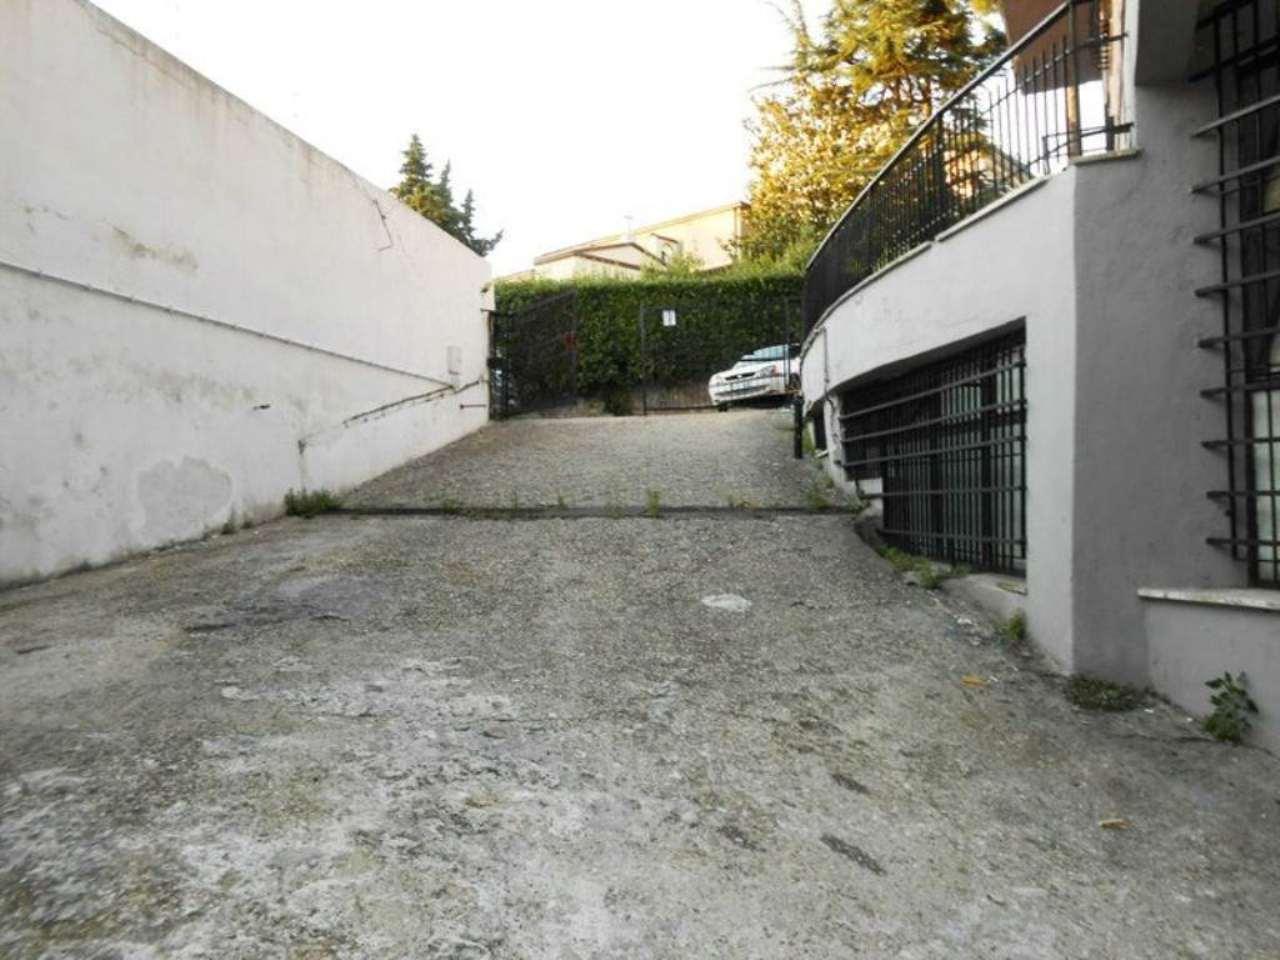 Magazzino in vendita a Roma, 1 locali, zona Zona: 27 . Aurelio - Boccea, prezzo € 500.000 | Cambiocasa.it